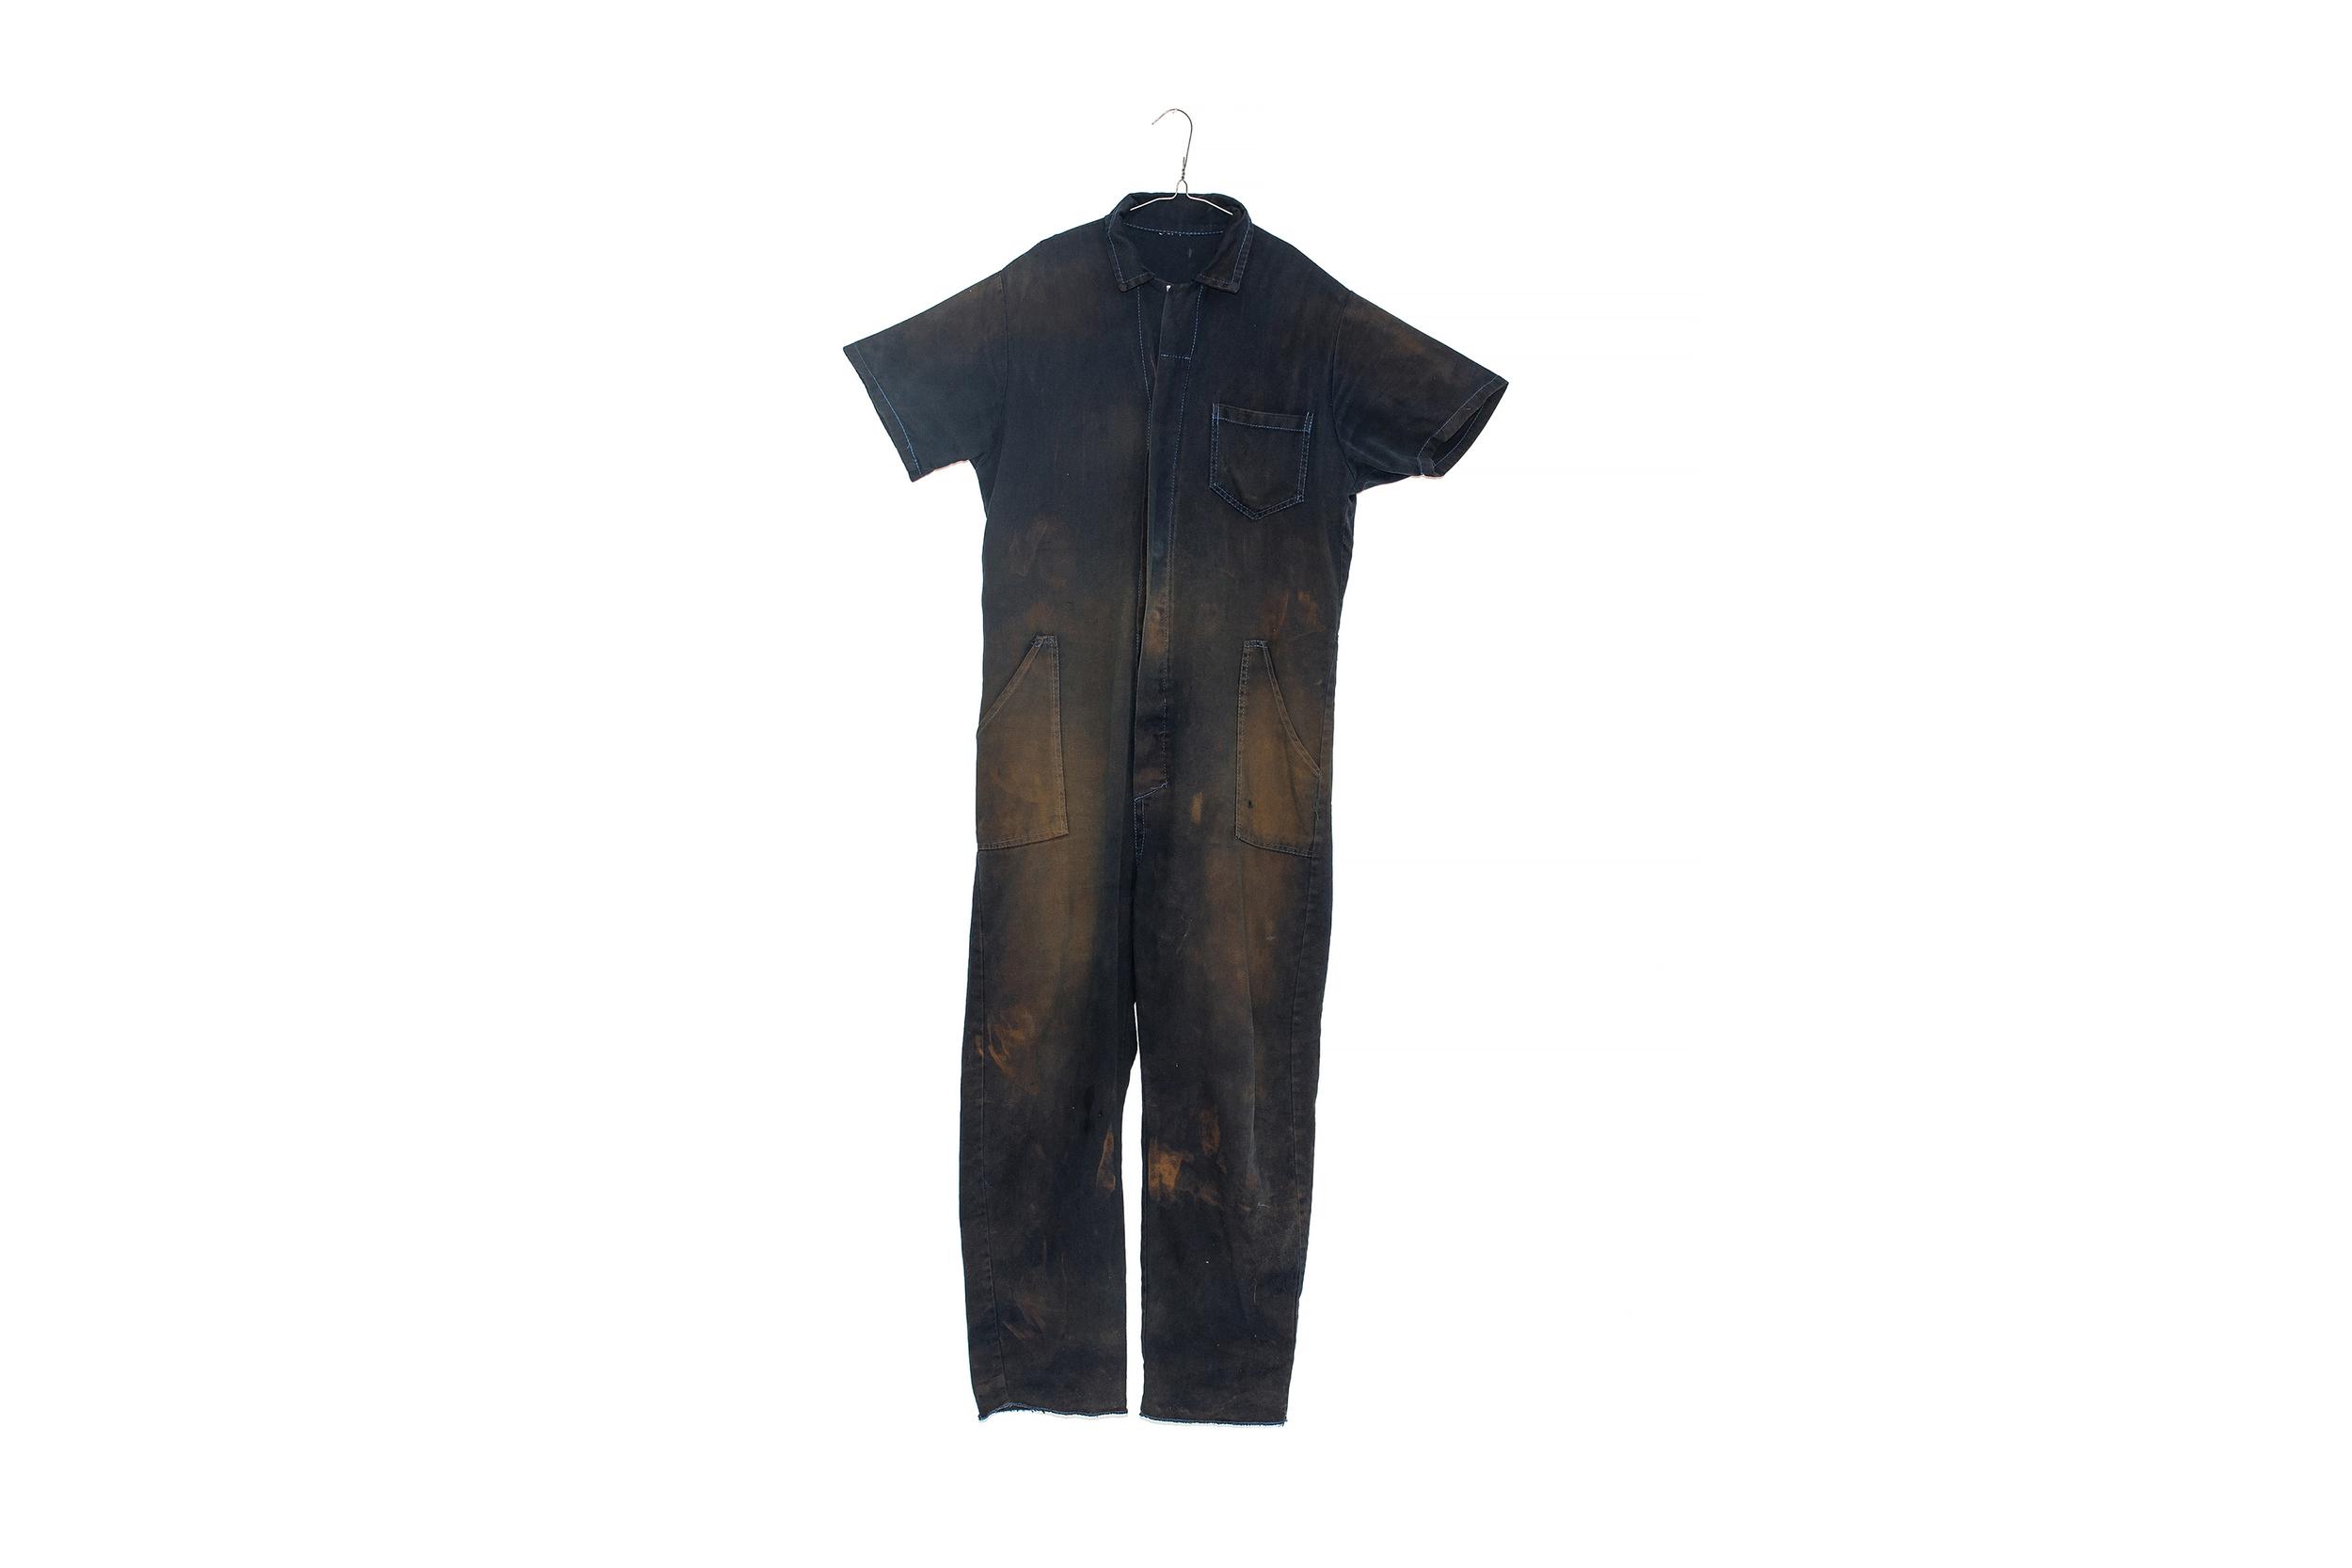 TerraComunal_Clothes-1.jpg